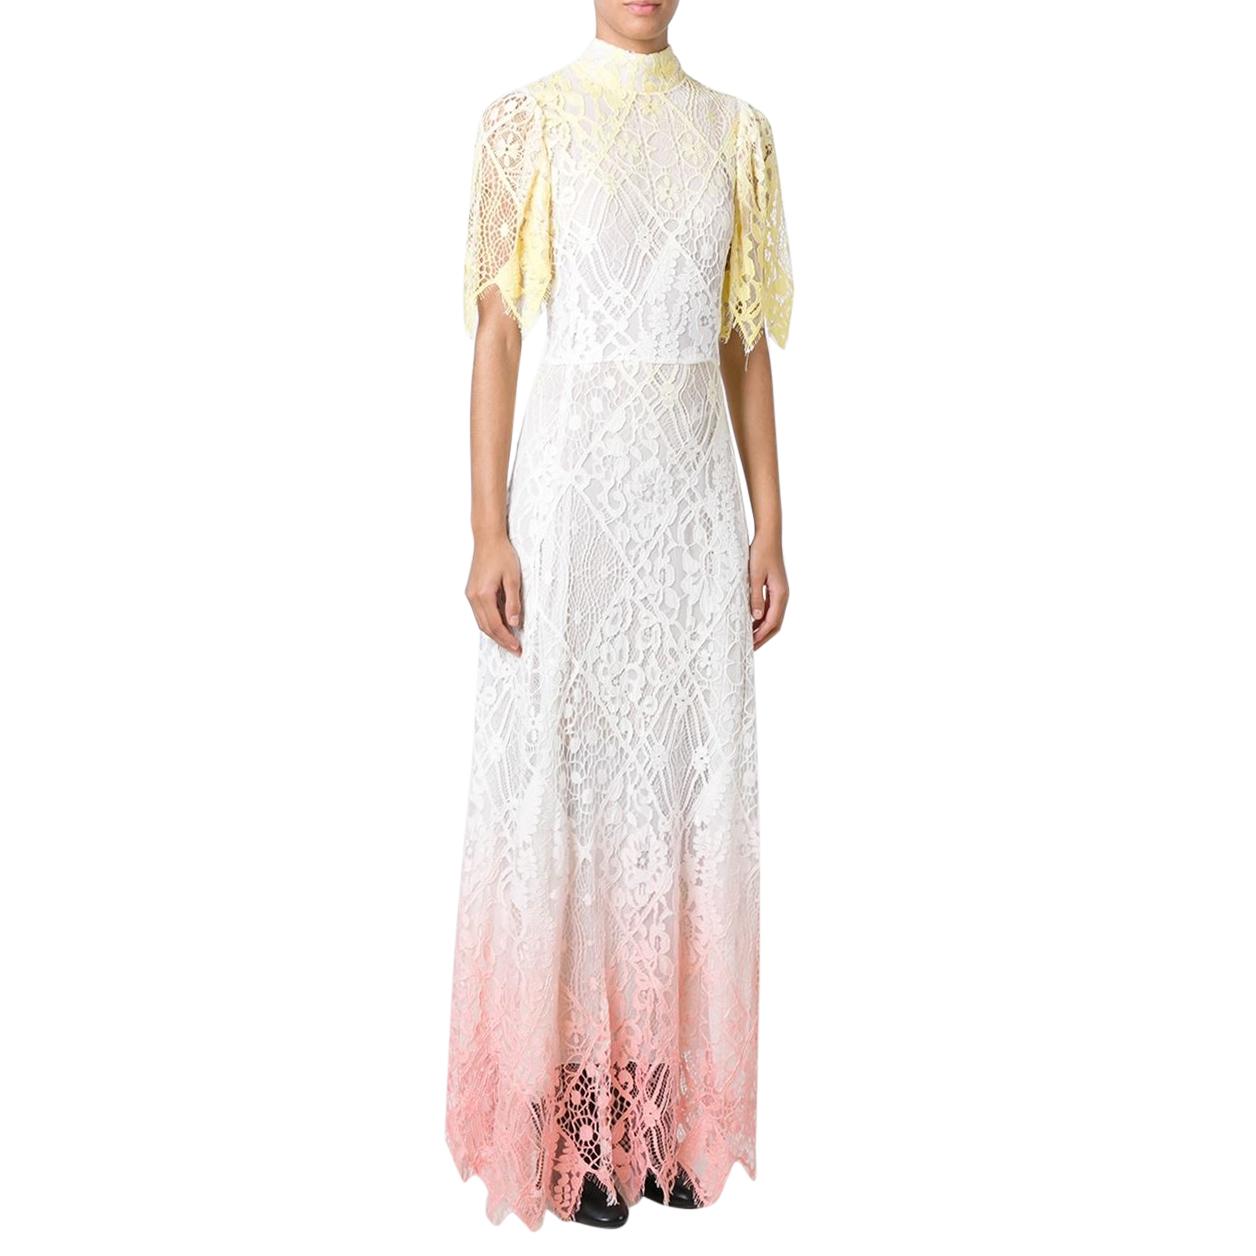 Giamba Embroidered Degrade Lace Dress